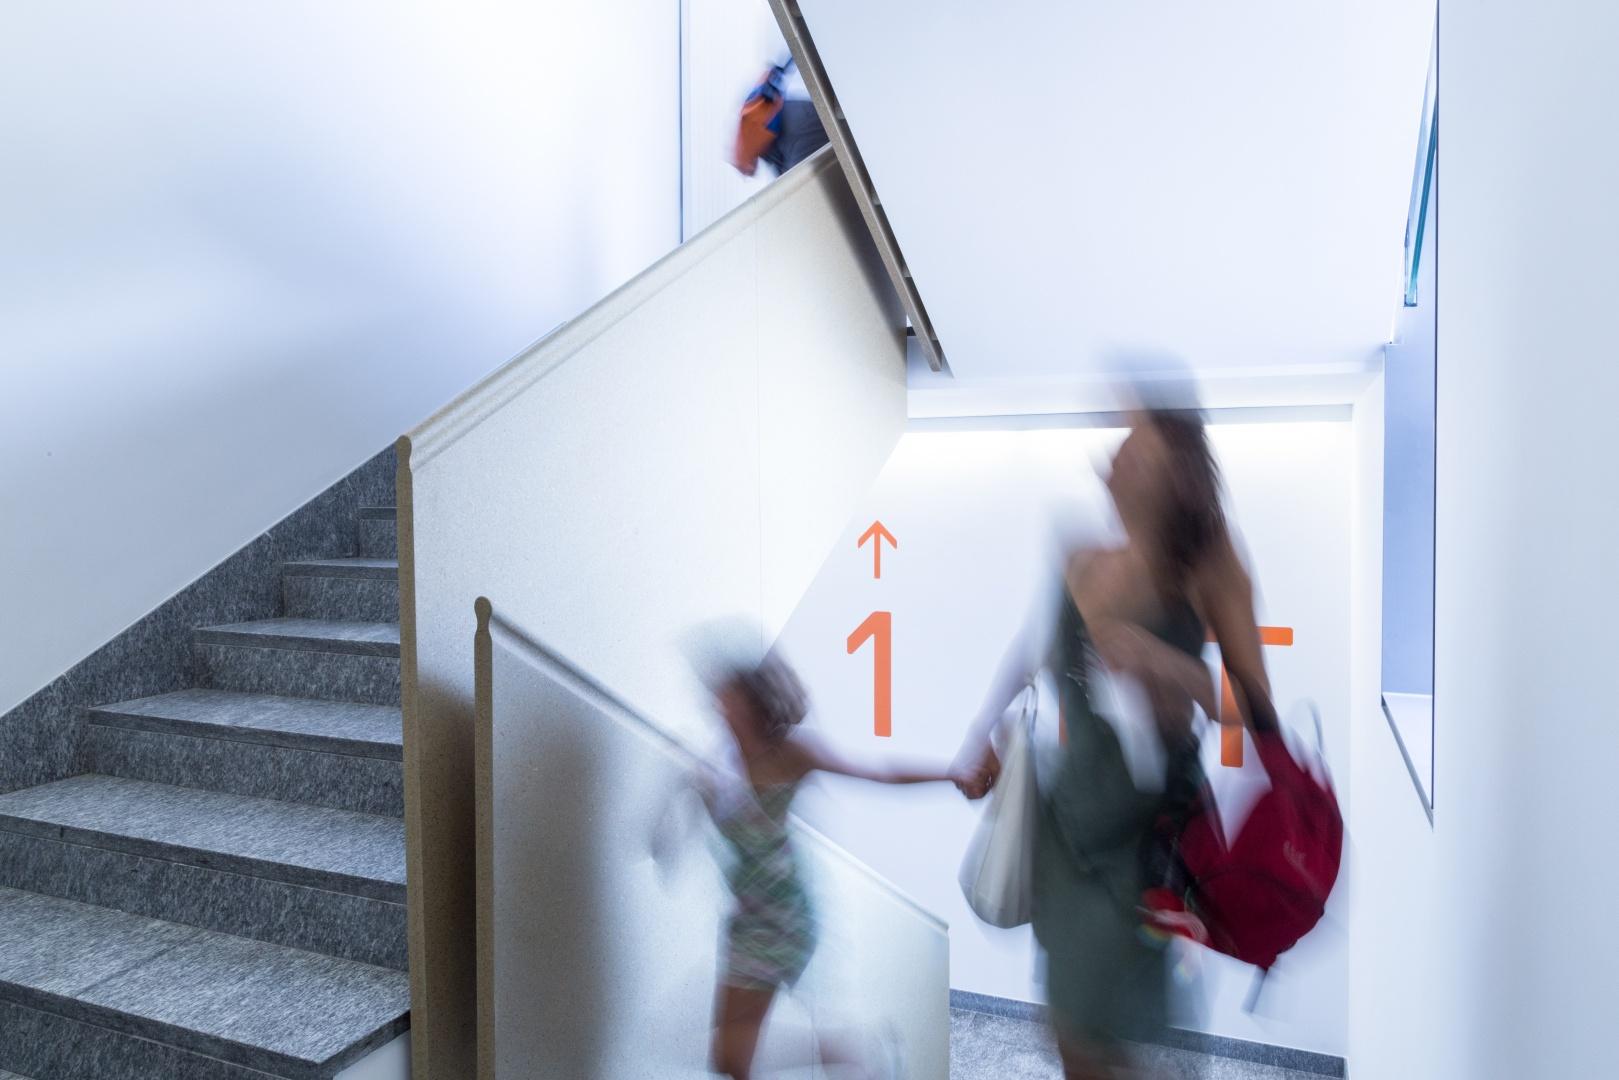 Zugangstreppe zu Obergeschossen © Buletti Fumagalli e Associati sagl